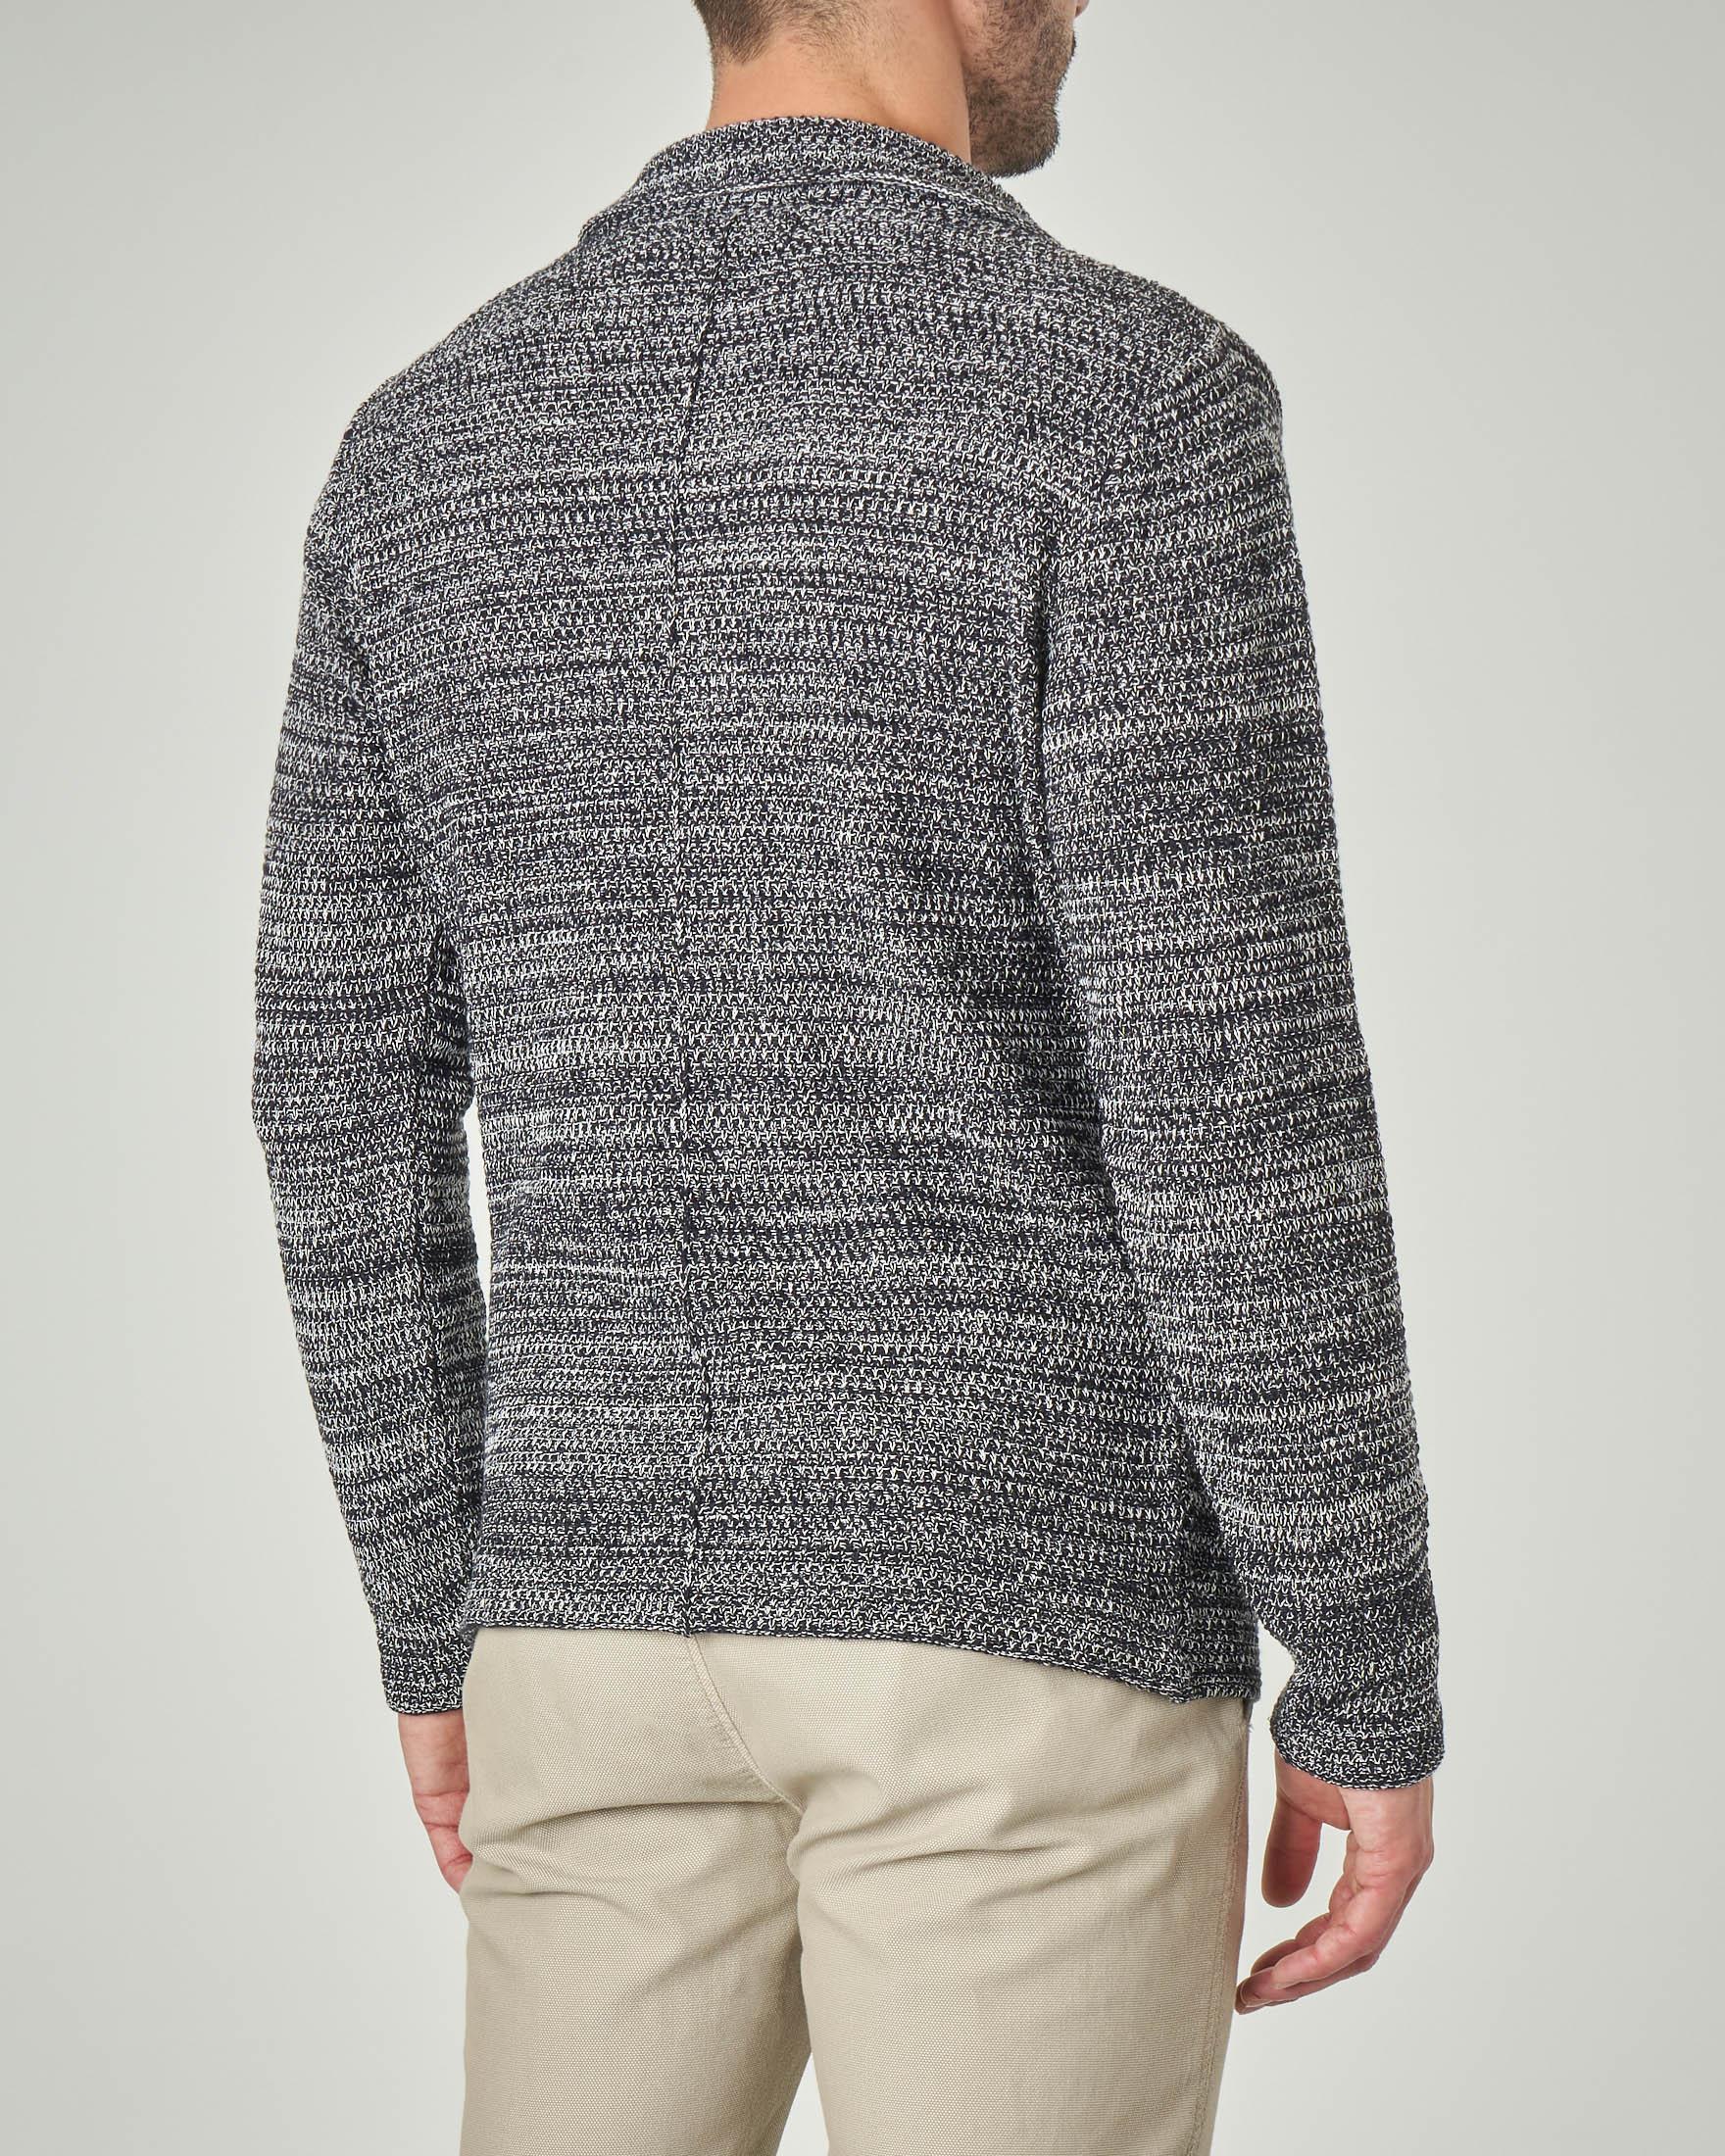 Giacca maglia blu e bianca in cotone punto canestro